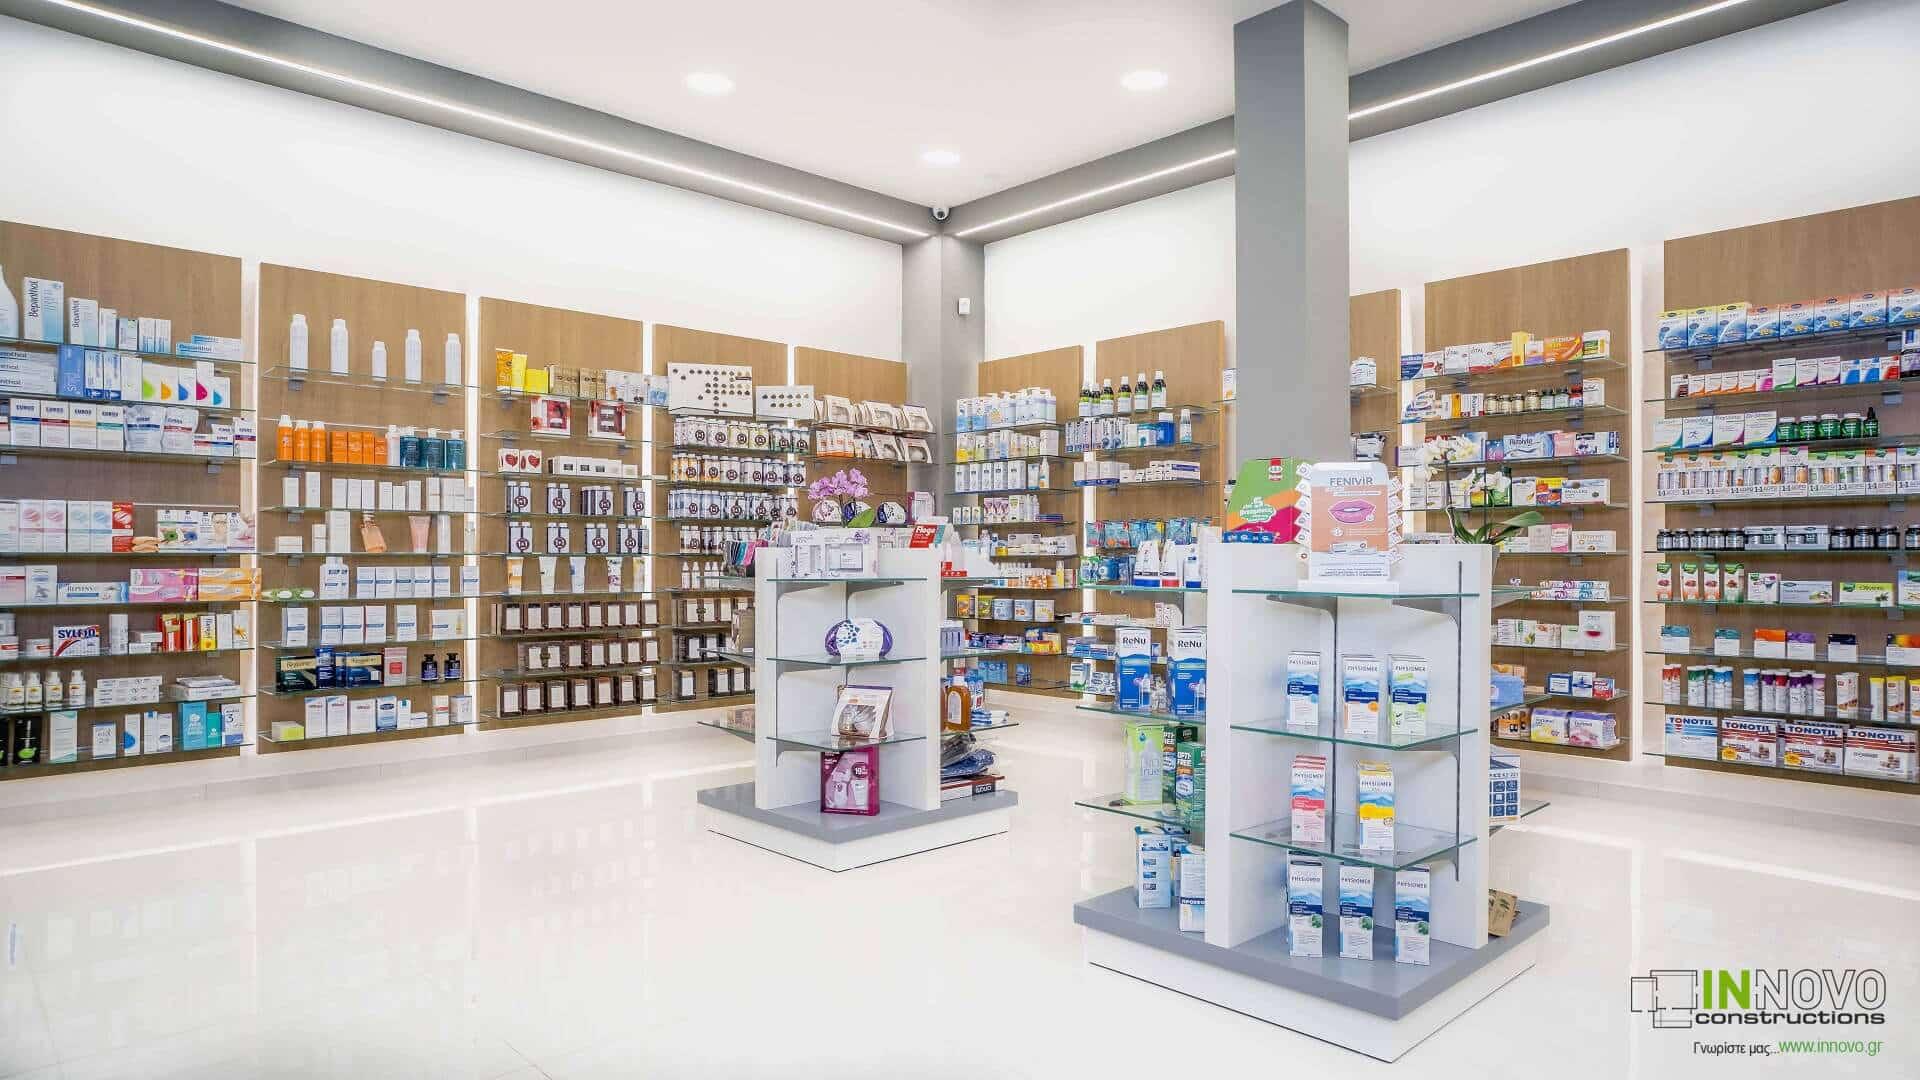 Μελέτη κατασκευής Φαρμακείου στην Ηλιούπολη